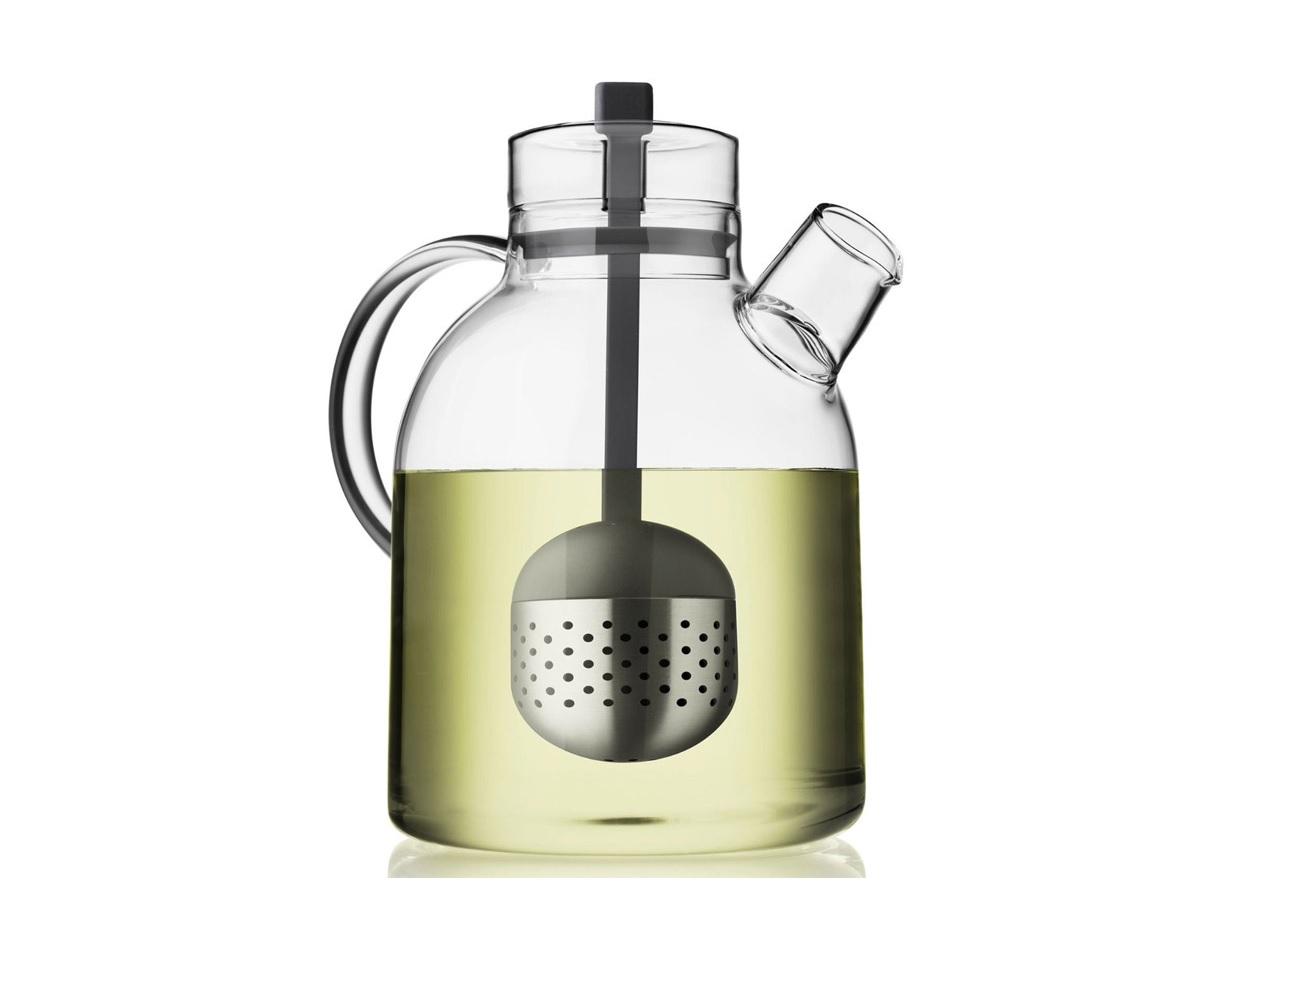 Чайник стеклянный TeapotЧайники<br>Восхитительный чайник, сочетающий удобство и уникальный дизайн. Чай - это больше, чем чашка горячей воды, поэтому чтобы добиться сбалансированного вкуса, необходимо контролировать крепость напитка. Со встроенным ситечком, которое вы можете опускать и поднимать, каждая чашка будет идеальной.&amp;lt;div&amp;gt;&amp;lt;br&amp;gt;&amp;lt;/div&amp;gt;&amp;lt;div&amp;gt;Объем - 1,5 литра.&amp;lt;/div&amp;gt;&amp;lt;div&amp;gt;Можно мыть в посудомоечной машине.&amp;lt;/div&amp;gt;<br><br>Material: Стекло<br>Height см: 25,4<br>Diameter см: 20